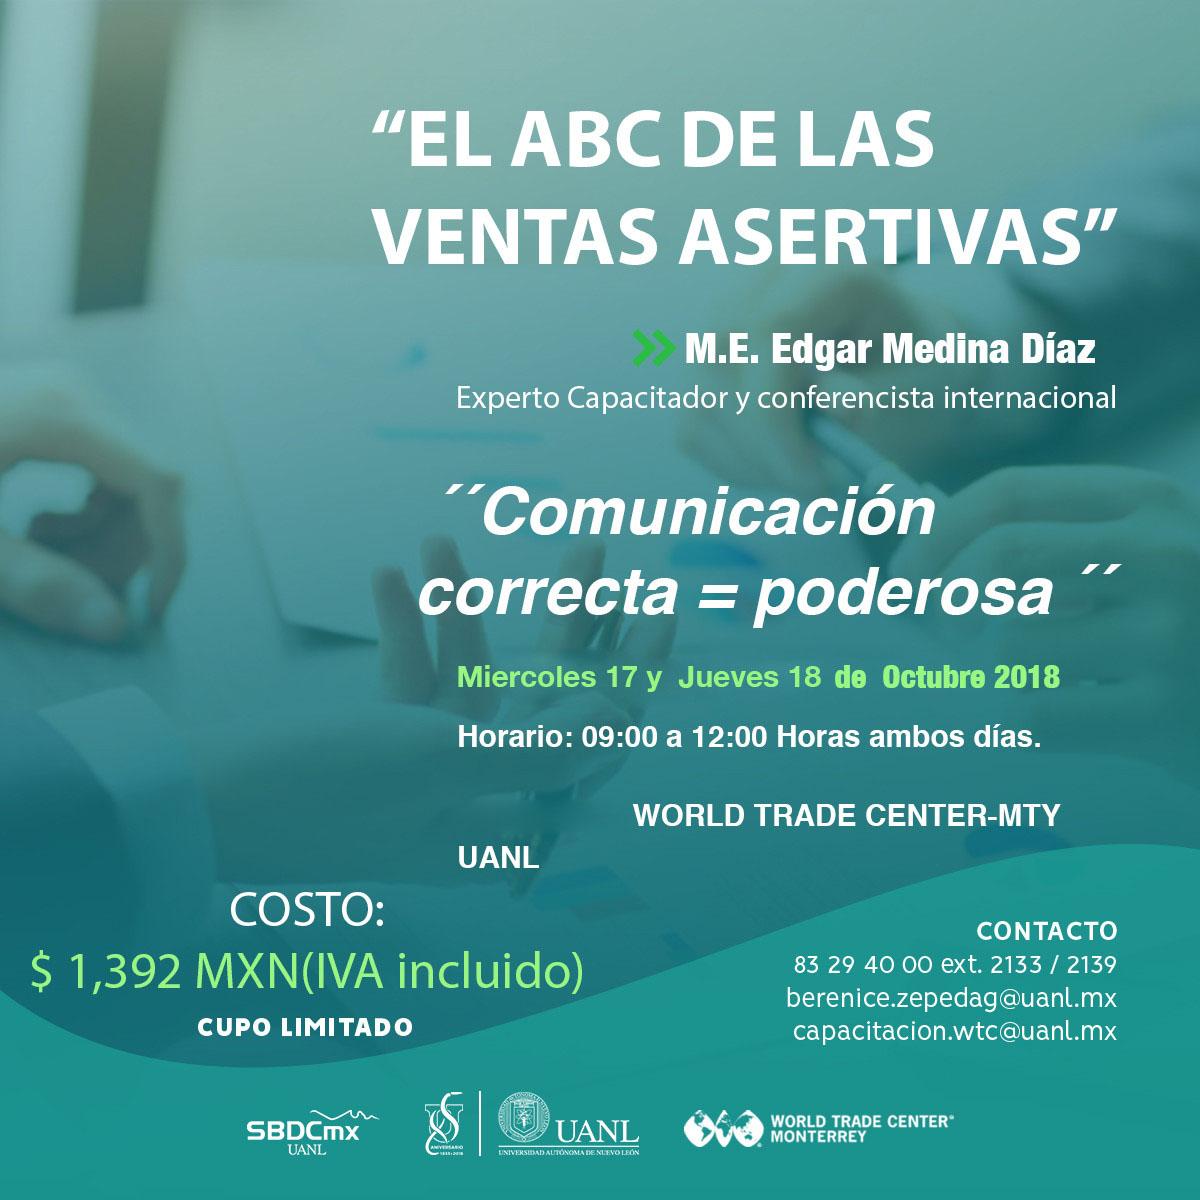 l ABC de las Ventas Asertivas